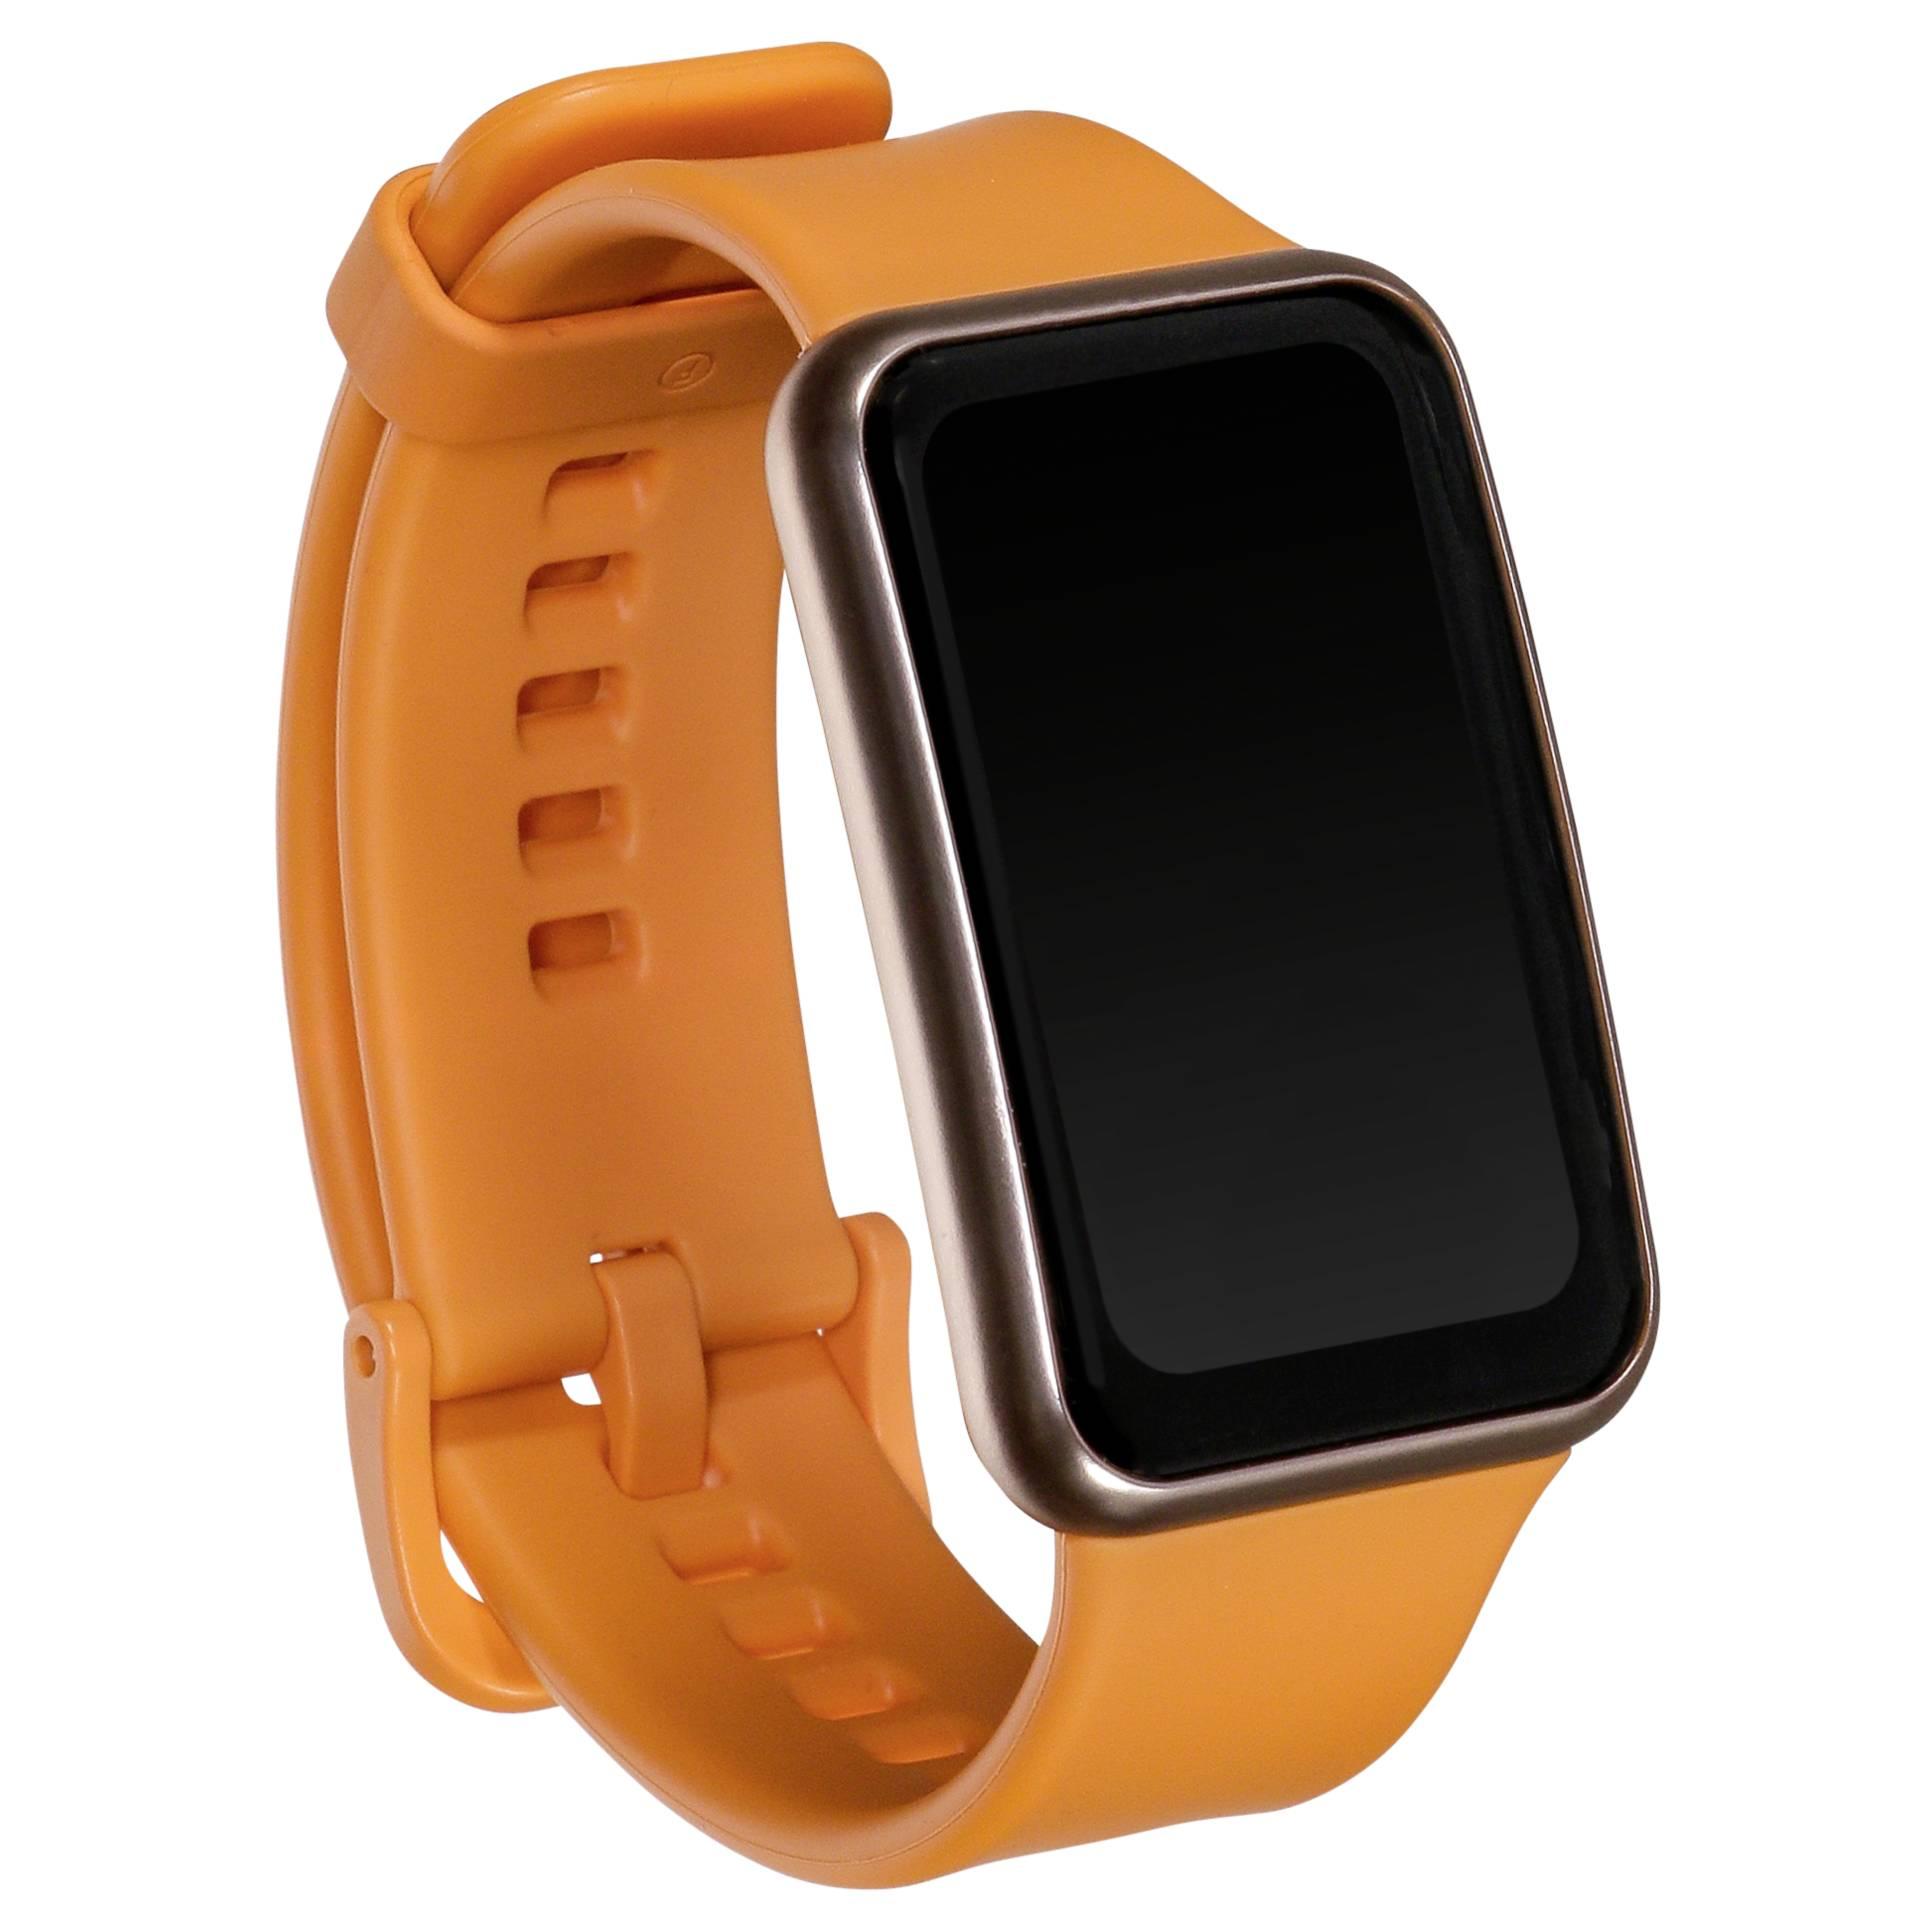 Huawei Watch Fit Cantaloupe Orange